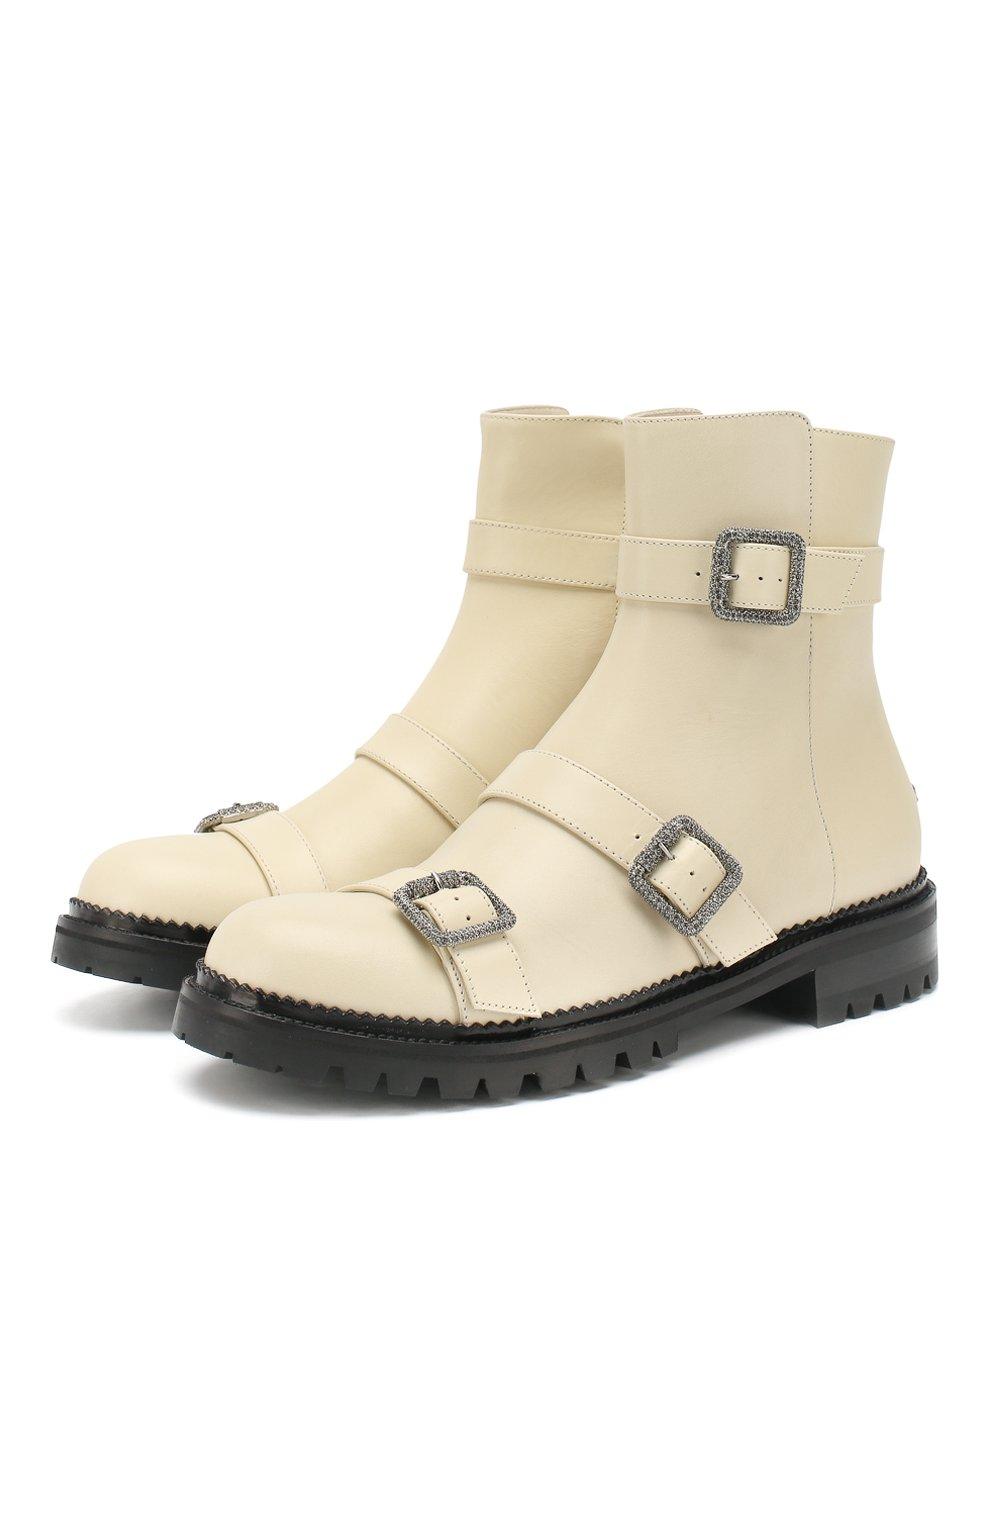 Кожаные ботинки Hank Jimmy Choo кремовые | Фото №1